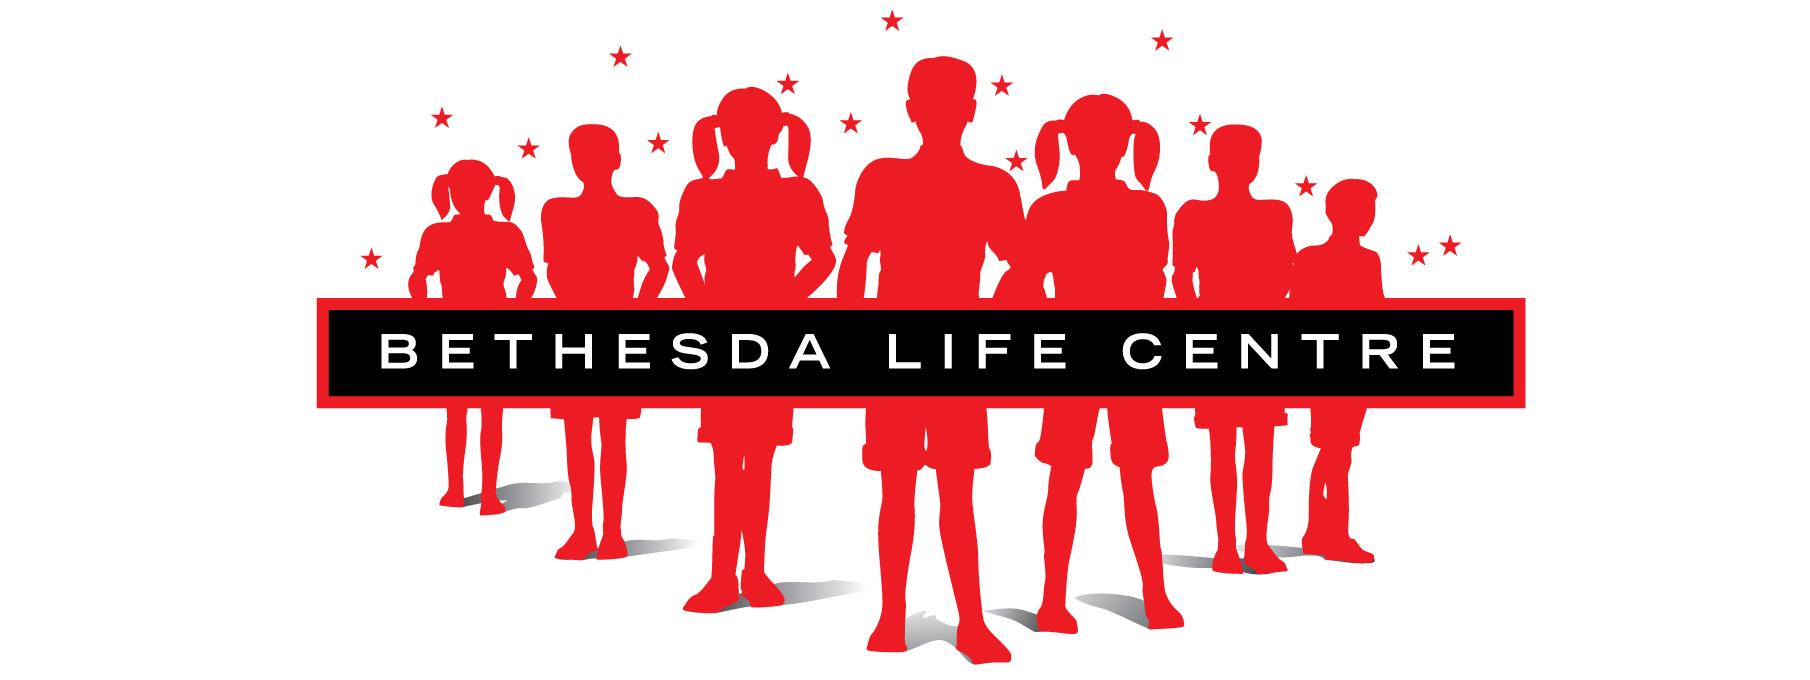 bethesda-logo-white